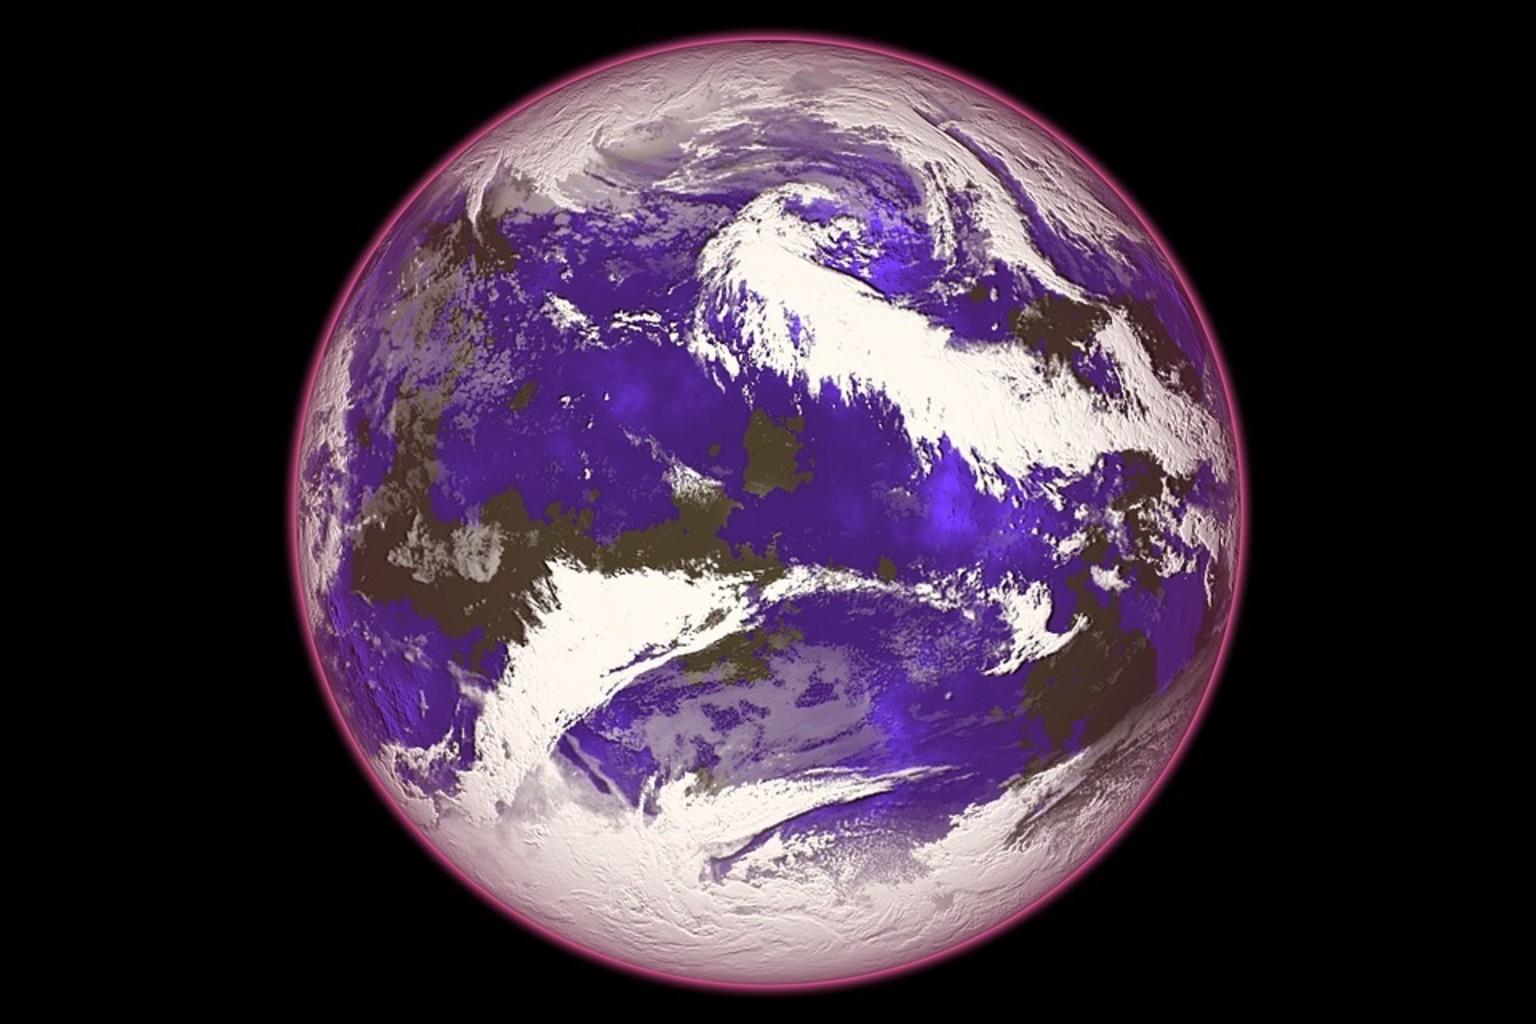 мной картинки озоновый слой земли персонал, чистота